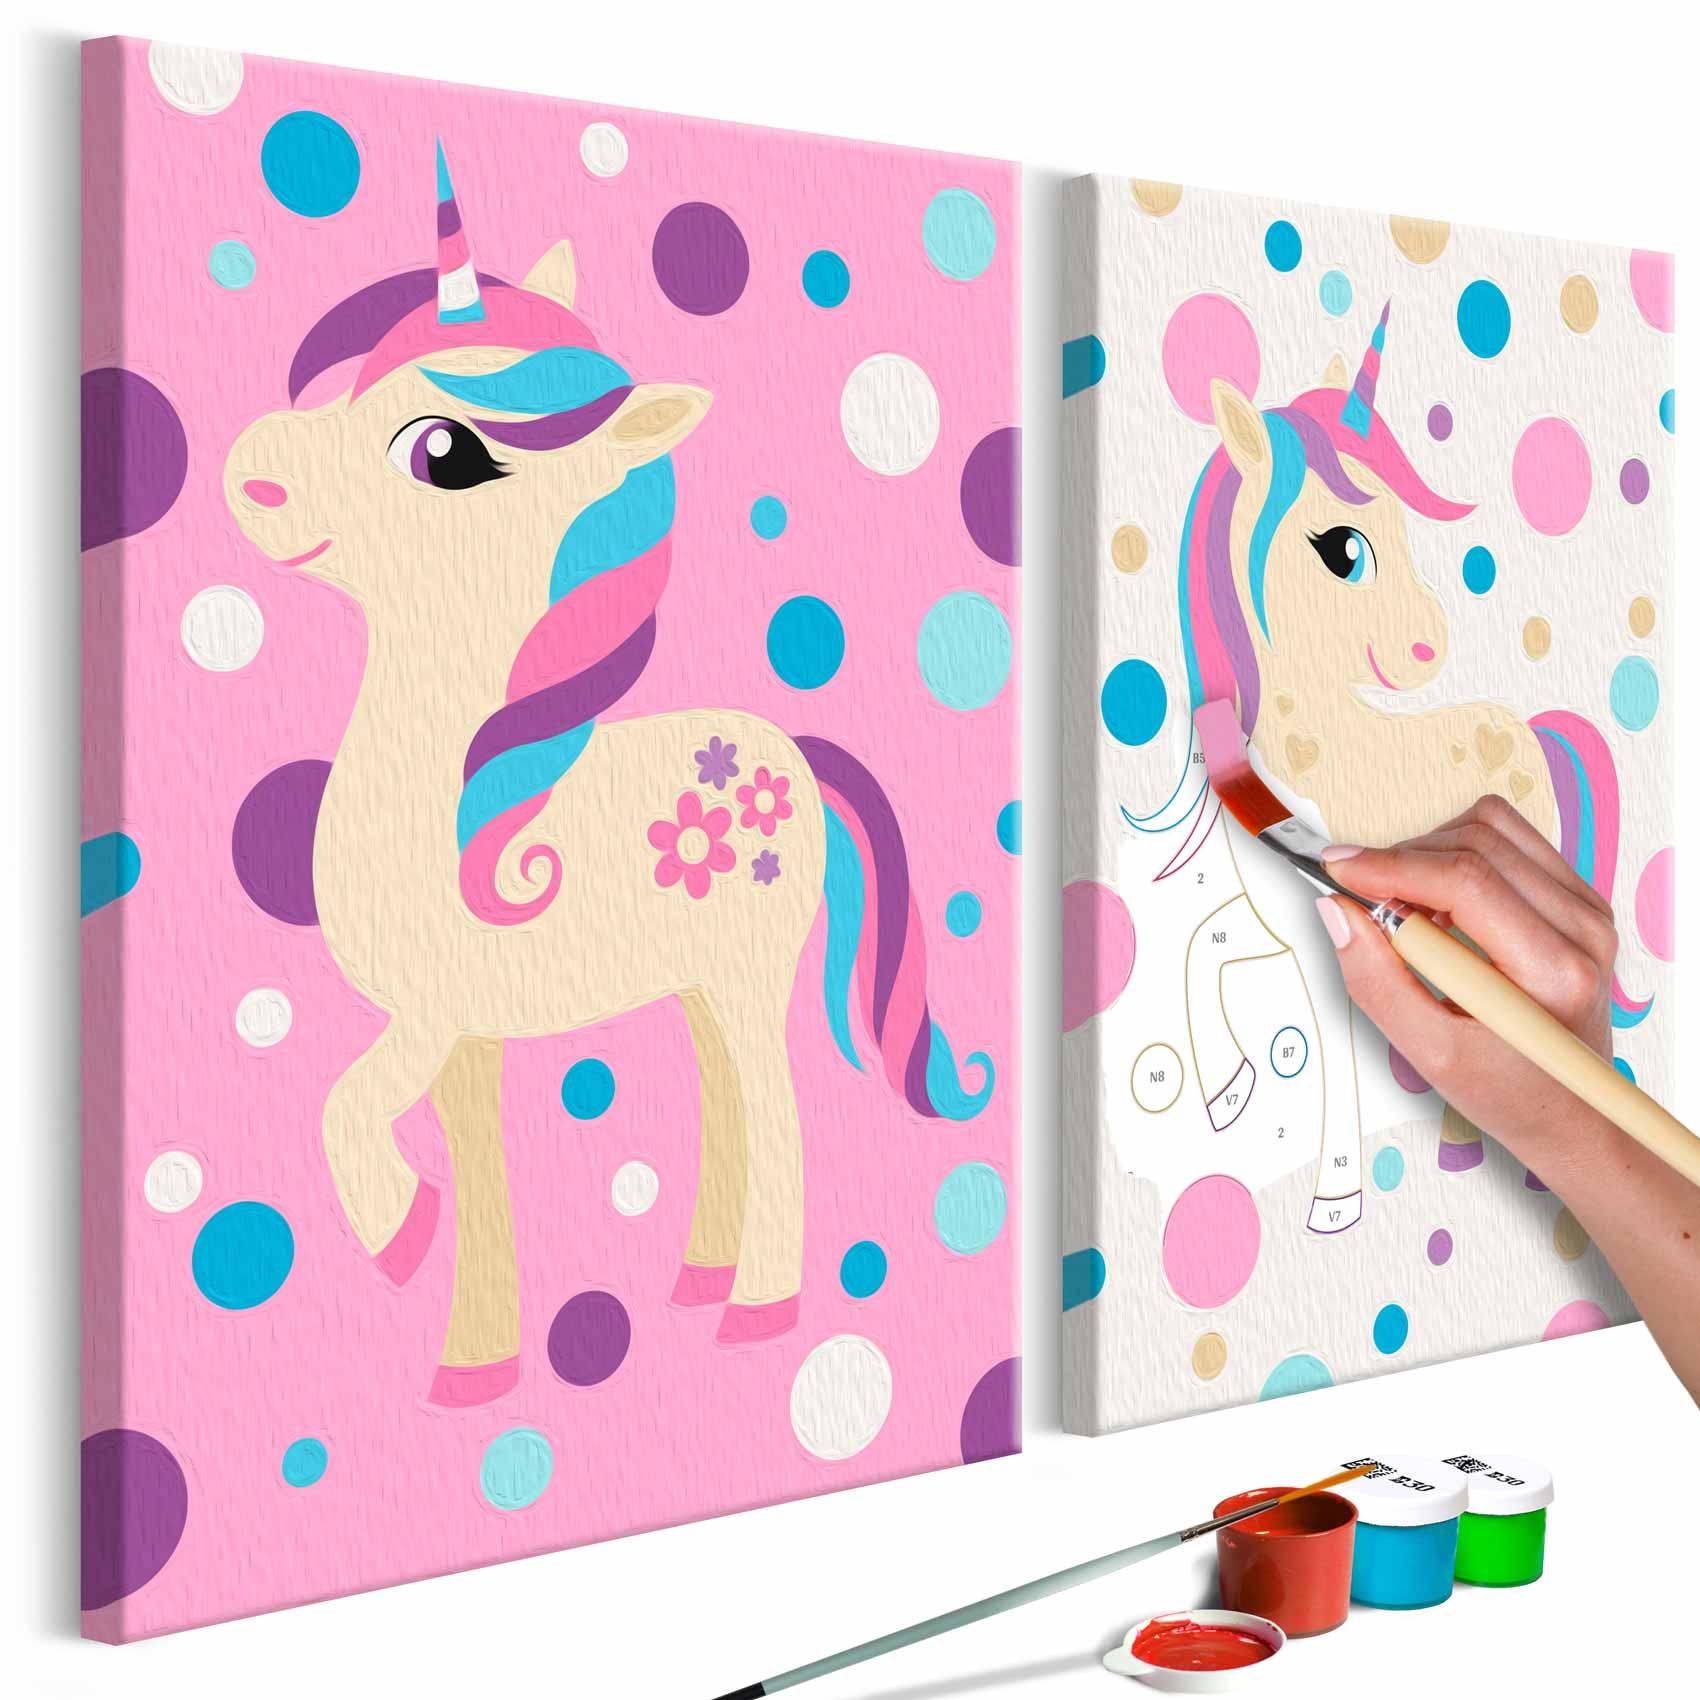 Artgeist diy unicorns pastel colours maleri - hvidt lærred, inkl. maling og pensel (h: 23cm) fra artgeist fra boboonline.dk